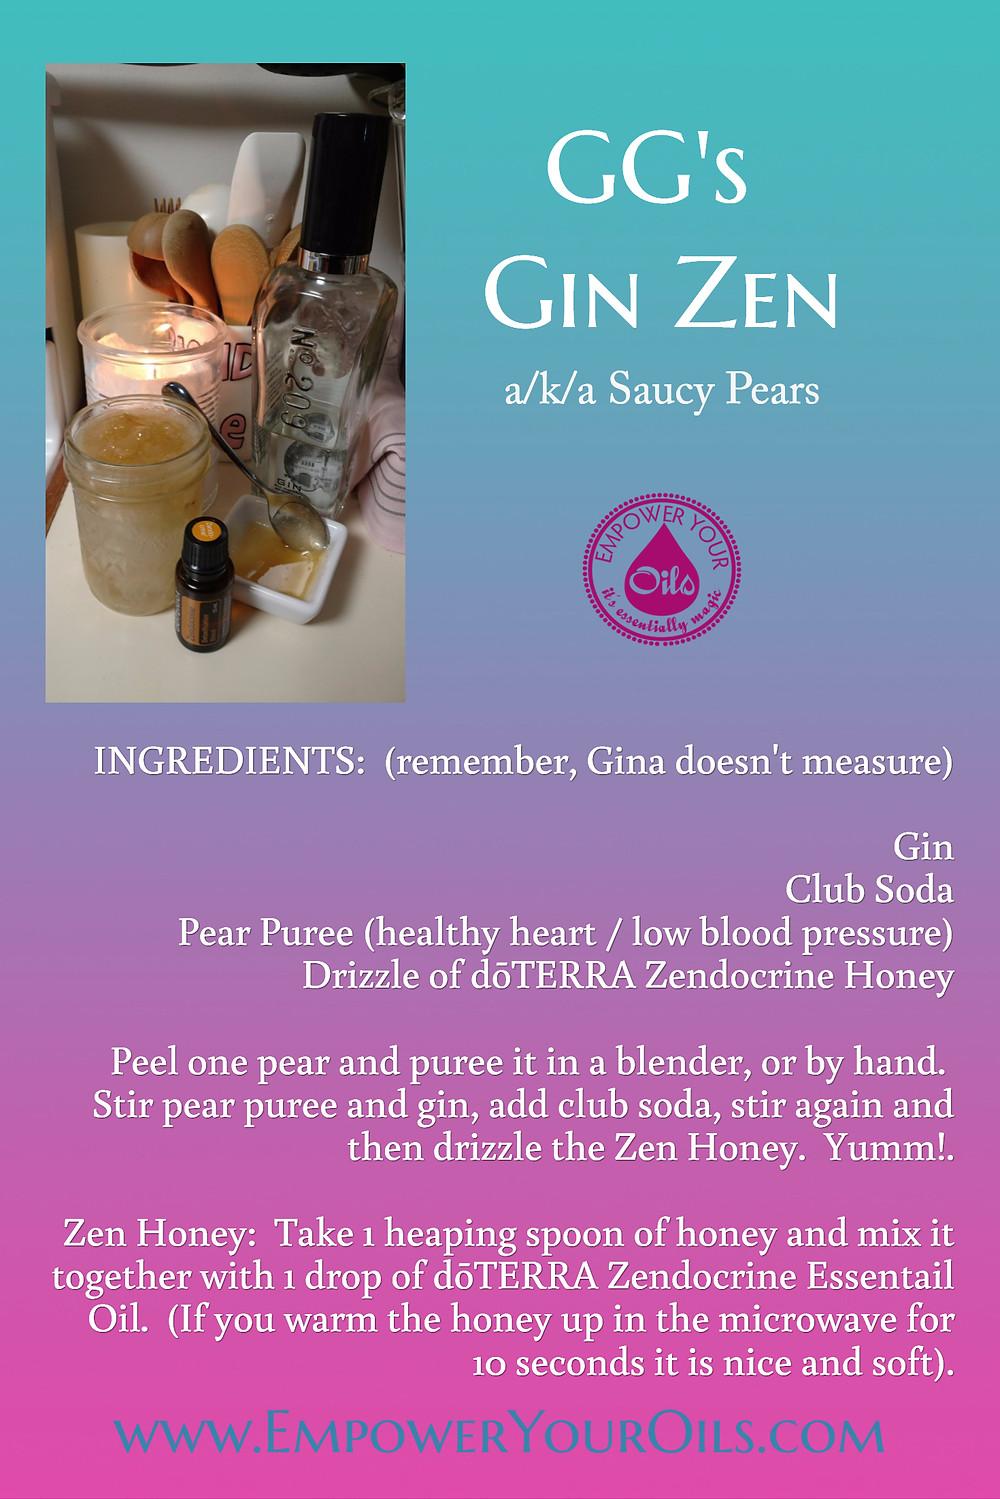 GG's Gin Zen a/k/a Saucy Pears